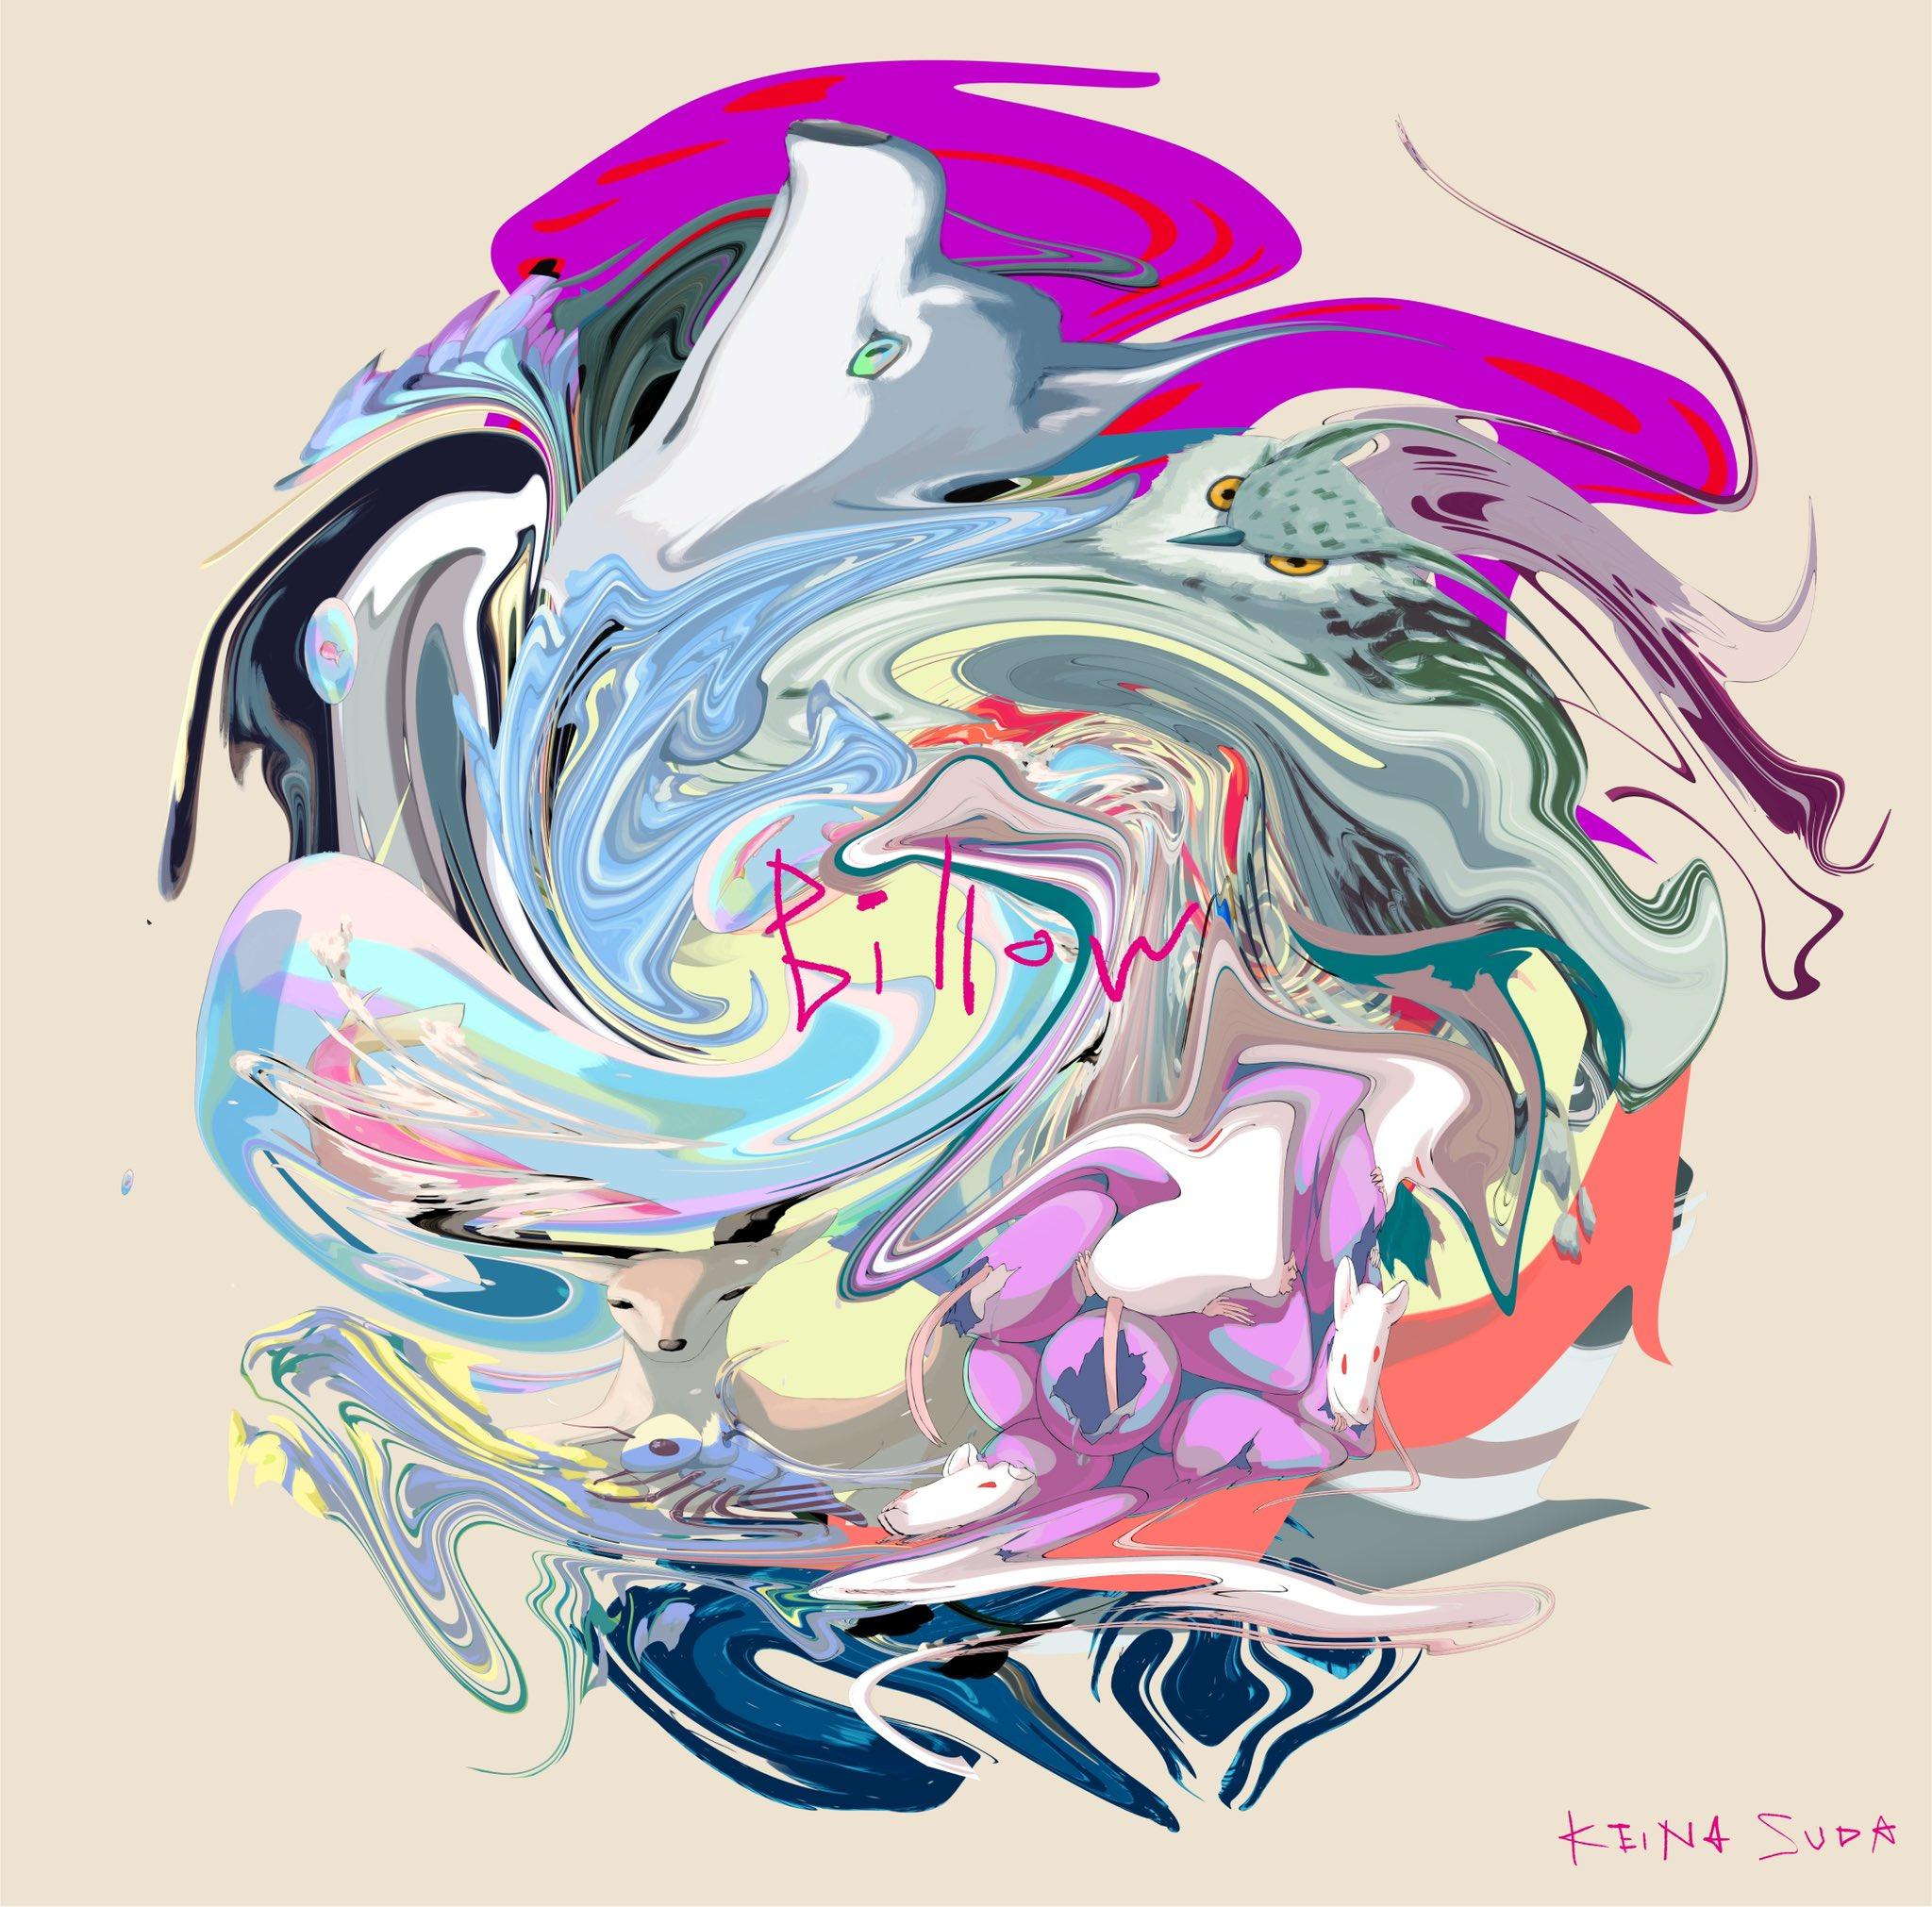 須田景凪 - 飛花 [2020.11.13+MP3+RAR]